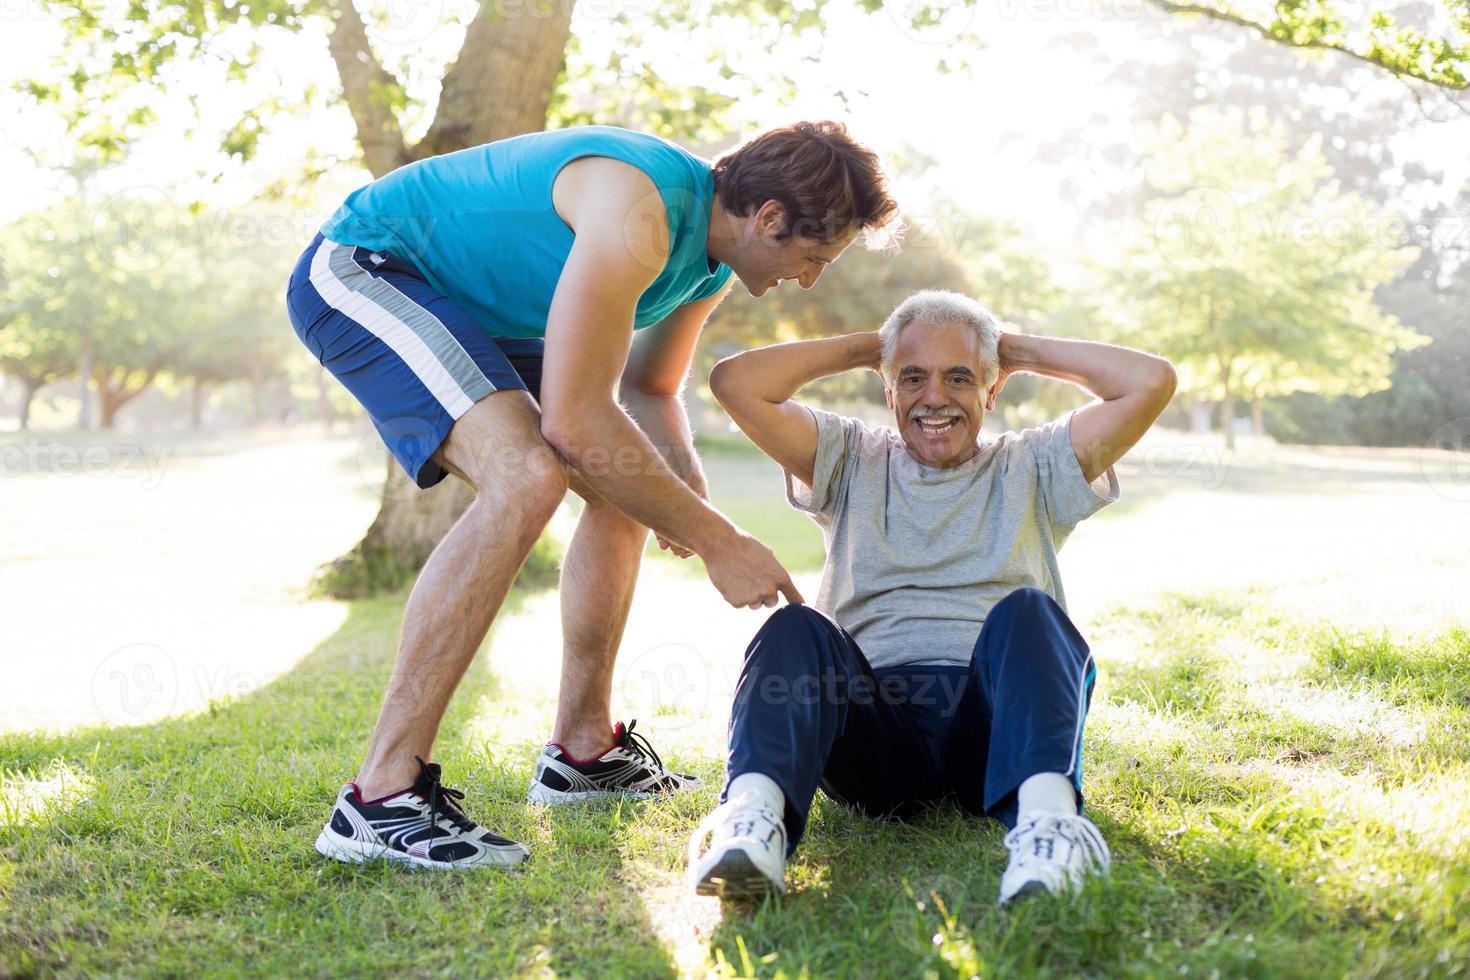 fröhliches Seniorentraining mit einem Trainer foto